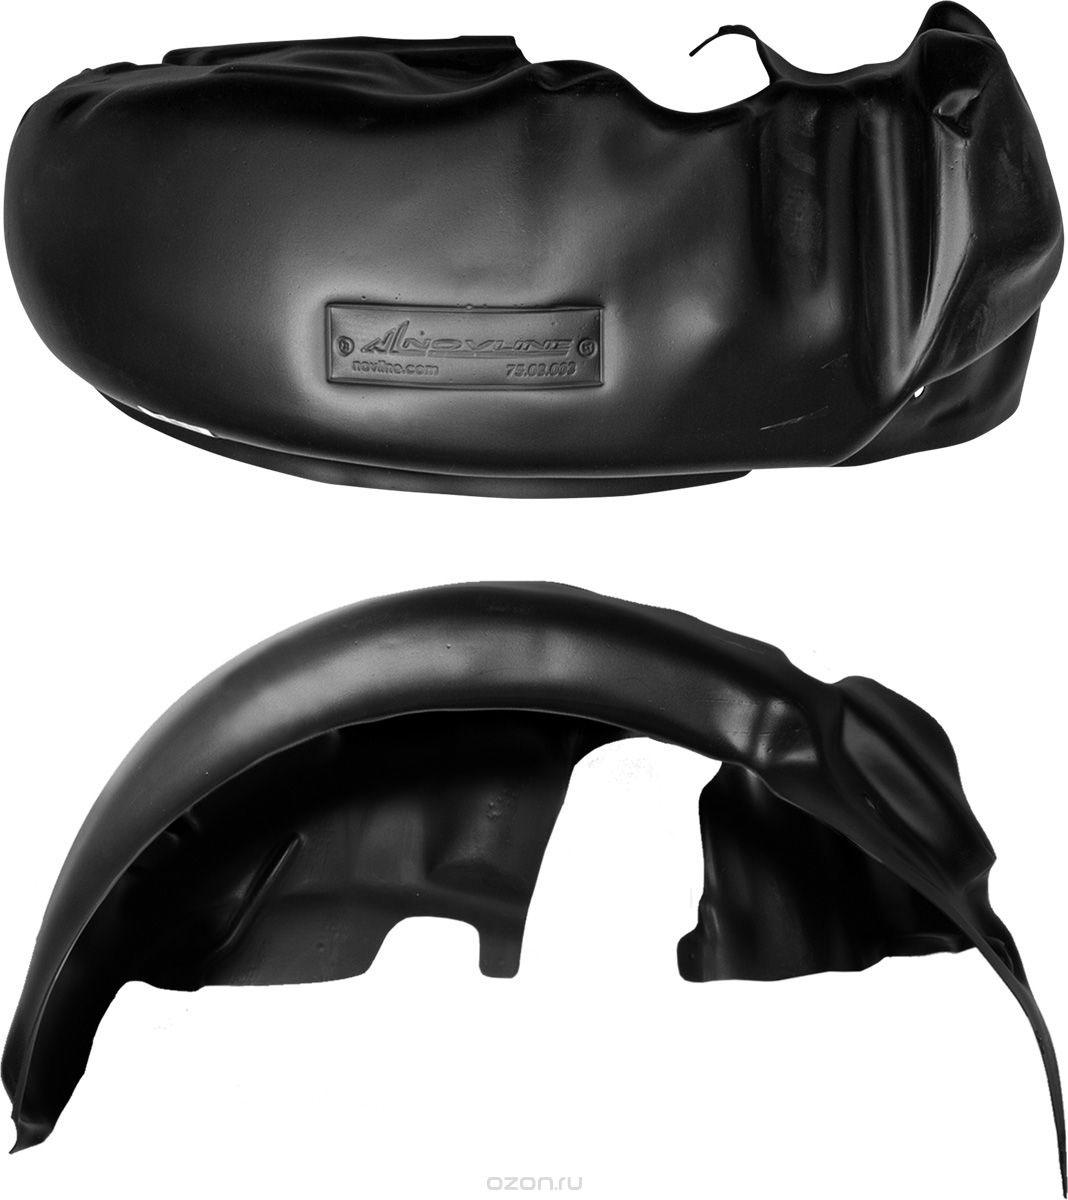 Подкрылок Novline-Autofamily, для Citroen C-Crosser, 2007->, задний правыйNLL.10.14.004Идеальная защита колесной ниши. Локеры разработаны с применением цифровых технологий, гарантируют максимальную повторяемость поверхности арки. Изделия устанавливаются без нарушения лакокрасочного покрытия автомобиля, каждый подкрылок комплектуется крепежом. Уважаемые клиенты, обращаем ваше внимание, что фотографии на подкрылки универсальные и не отражают реальную форму изделия. При этом само изделие идет точно под размер указанного автомобиля.